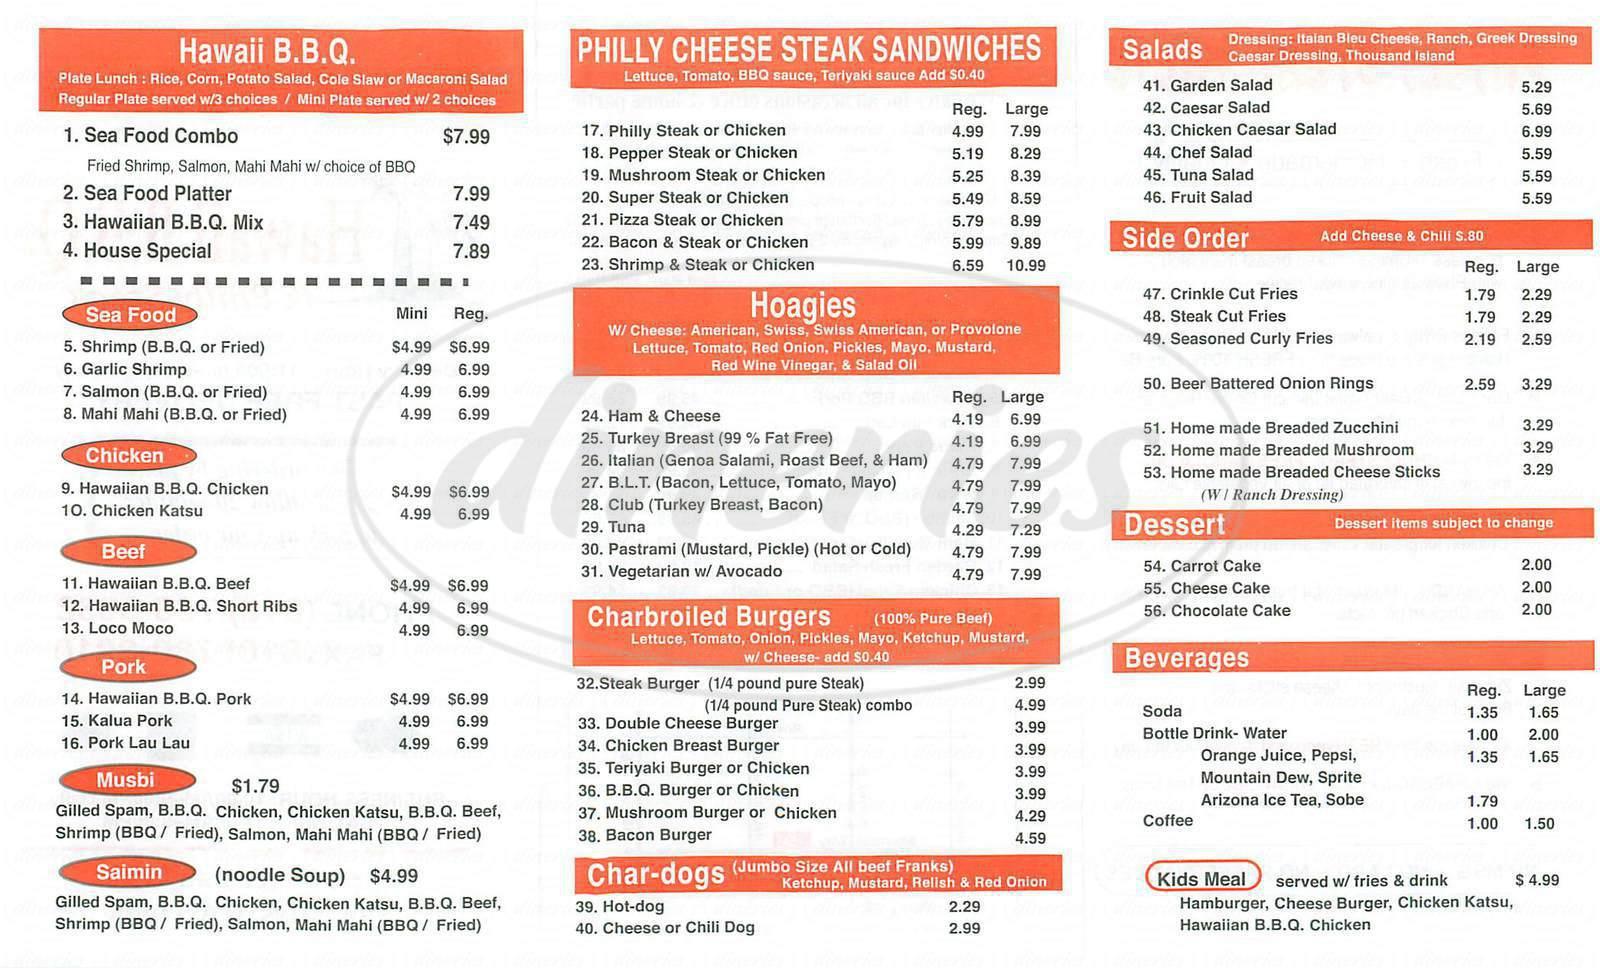 menu for Hawaii BBQ